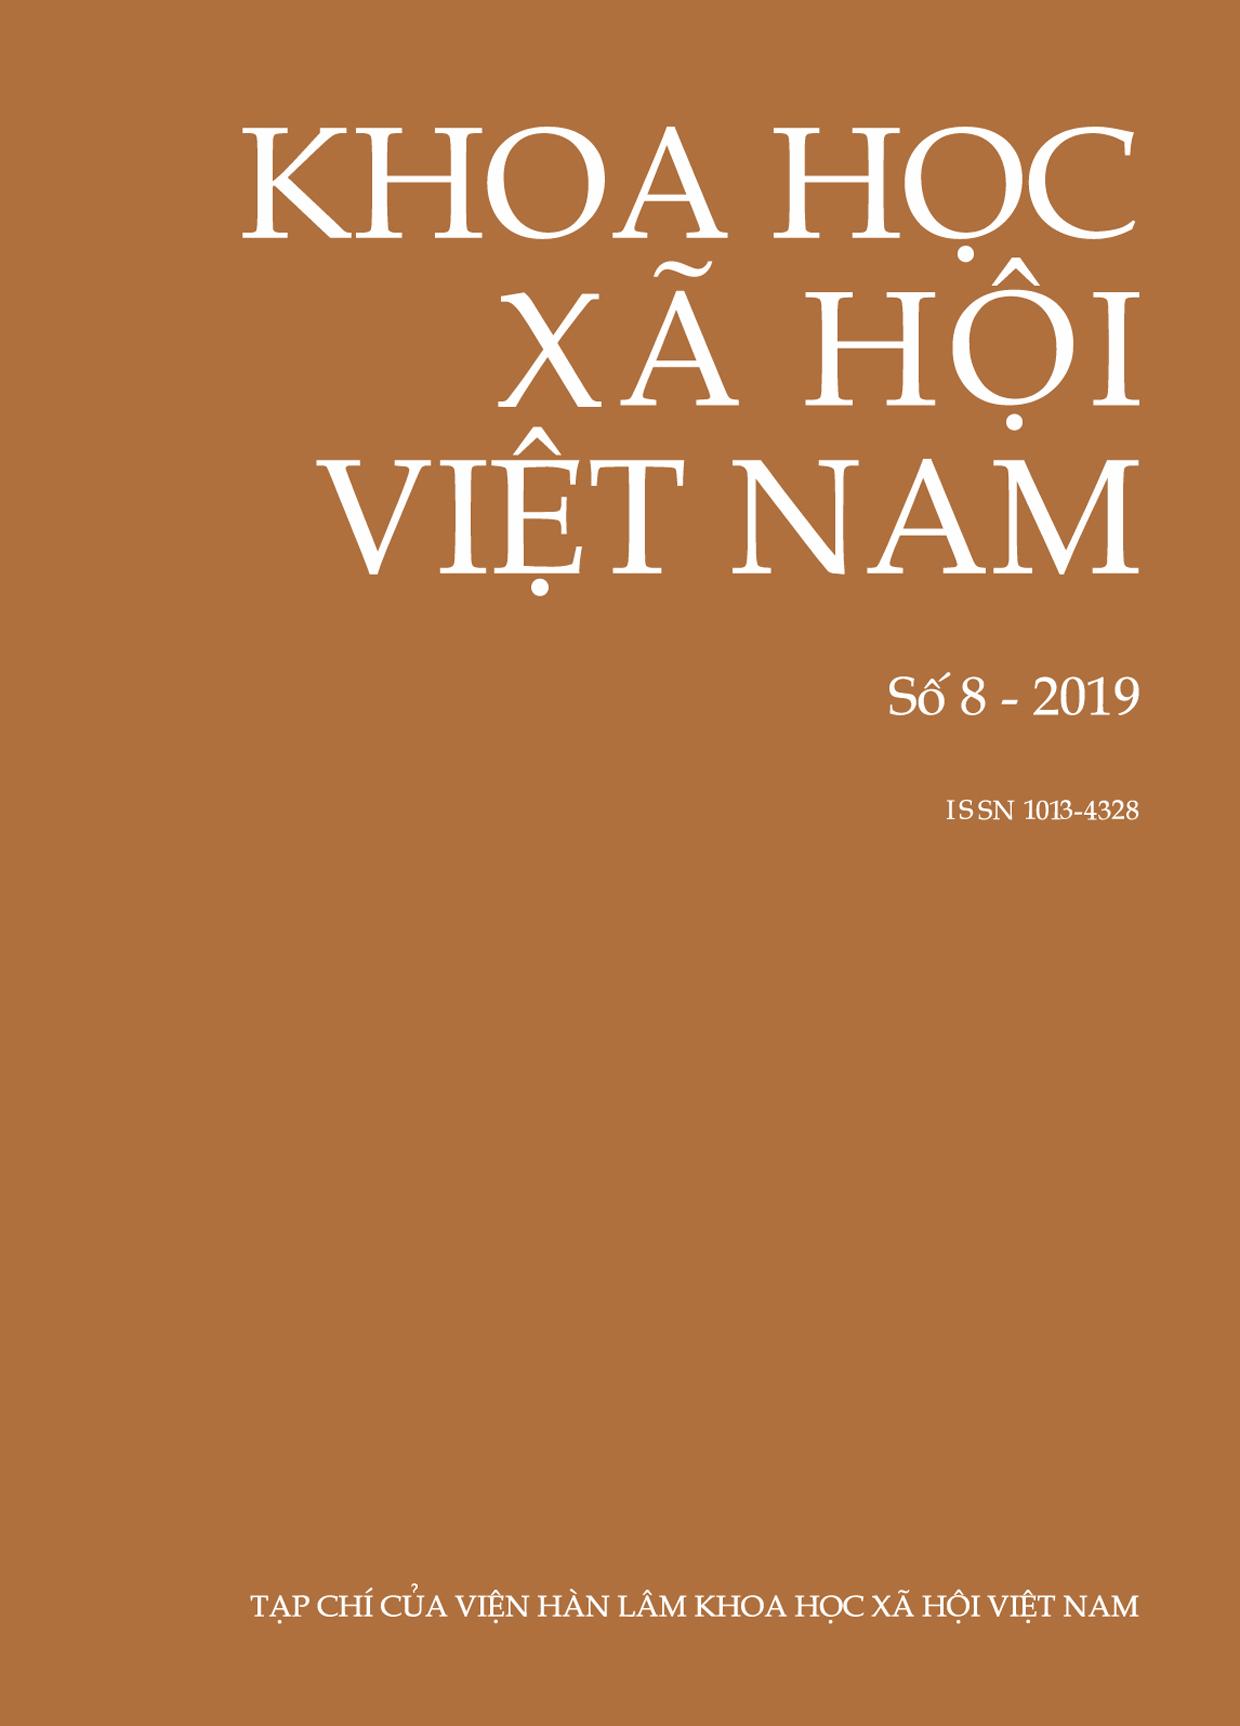 Khoa học xã hội Việt Nam. Số 8 - 2019